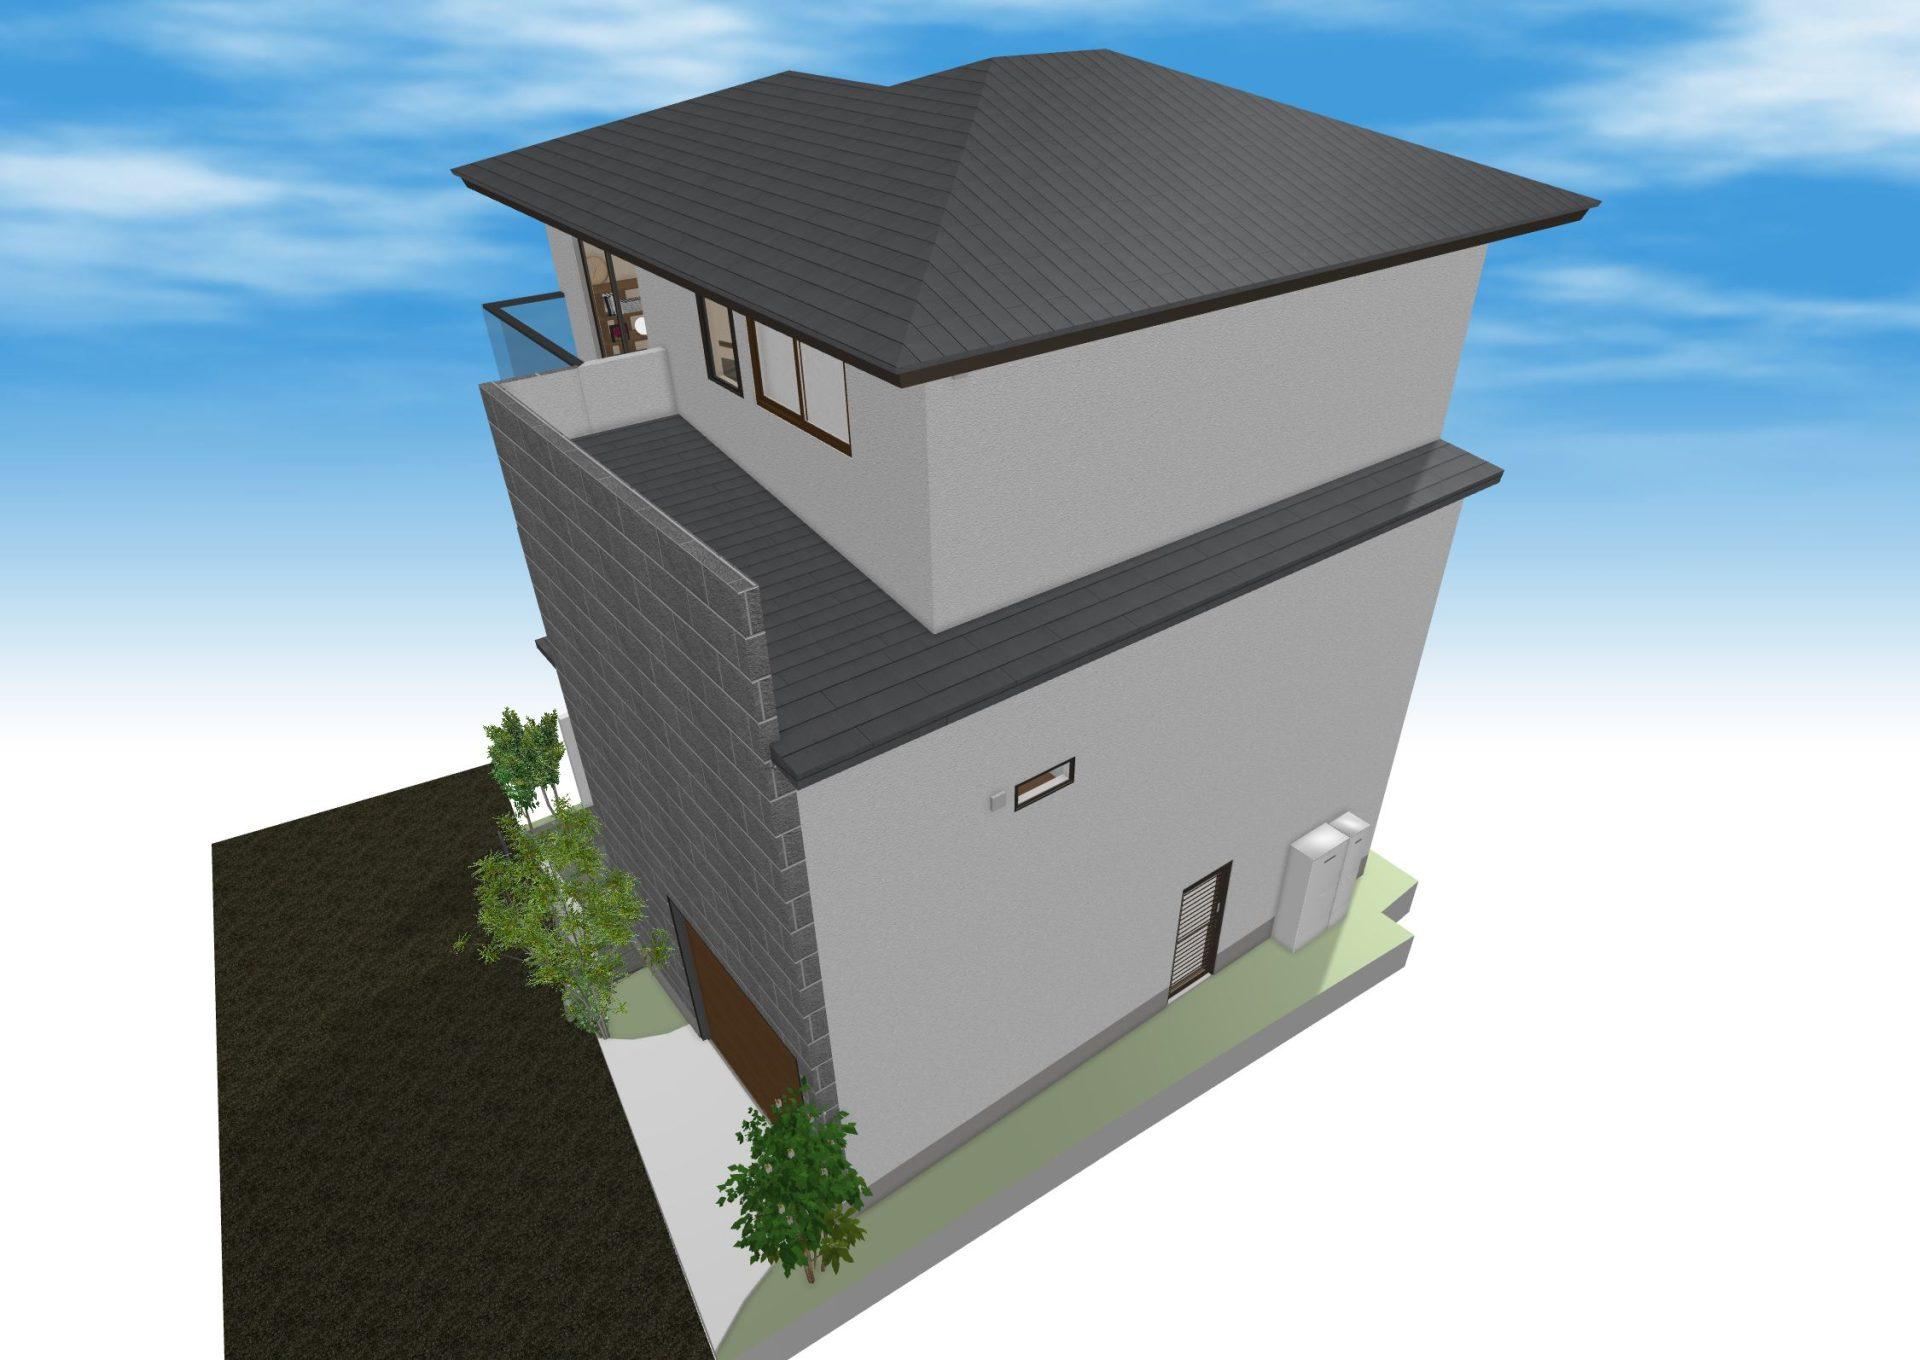 2階の上の一部には屋根